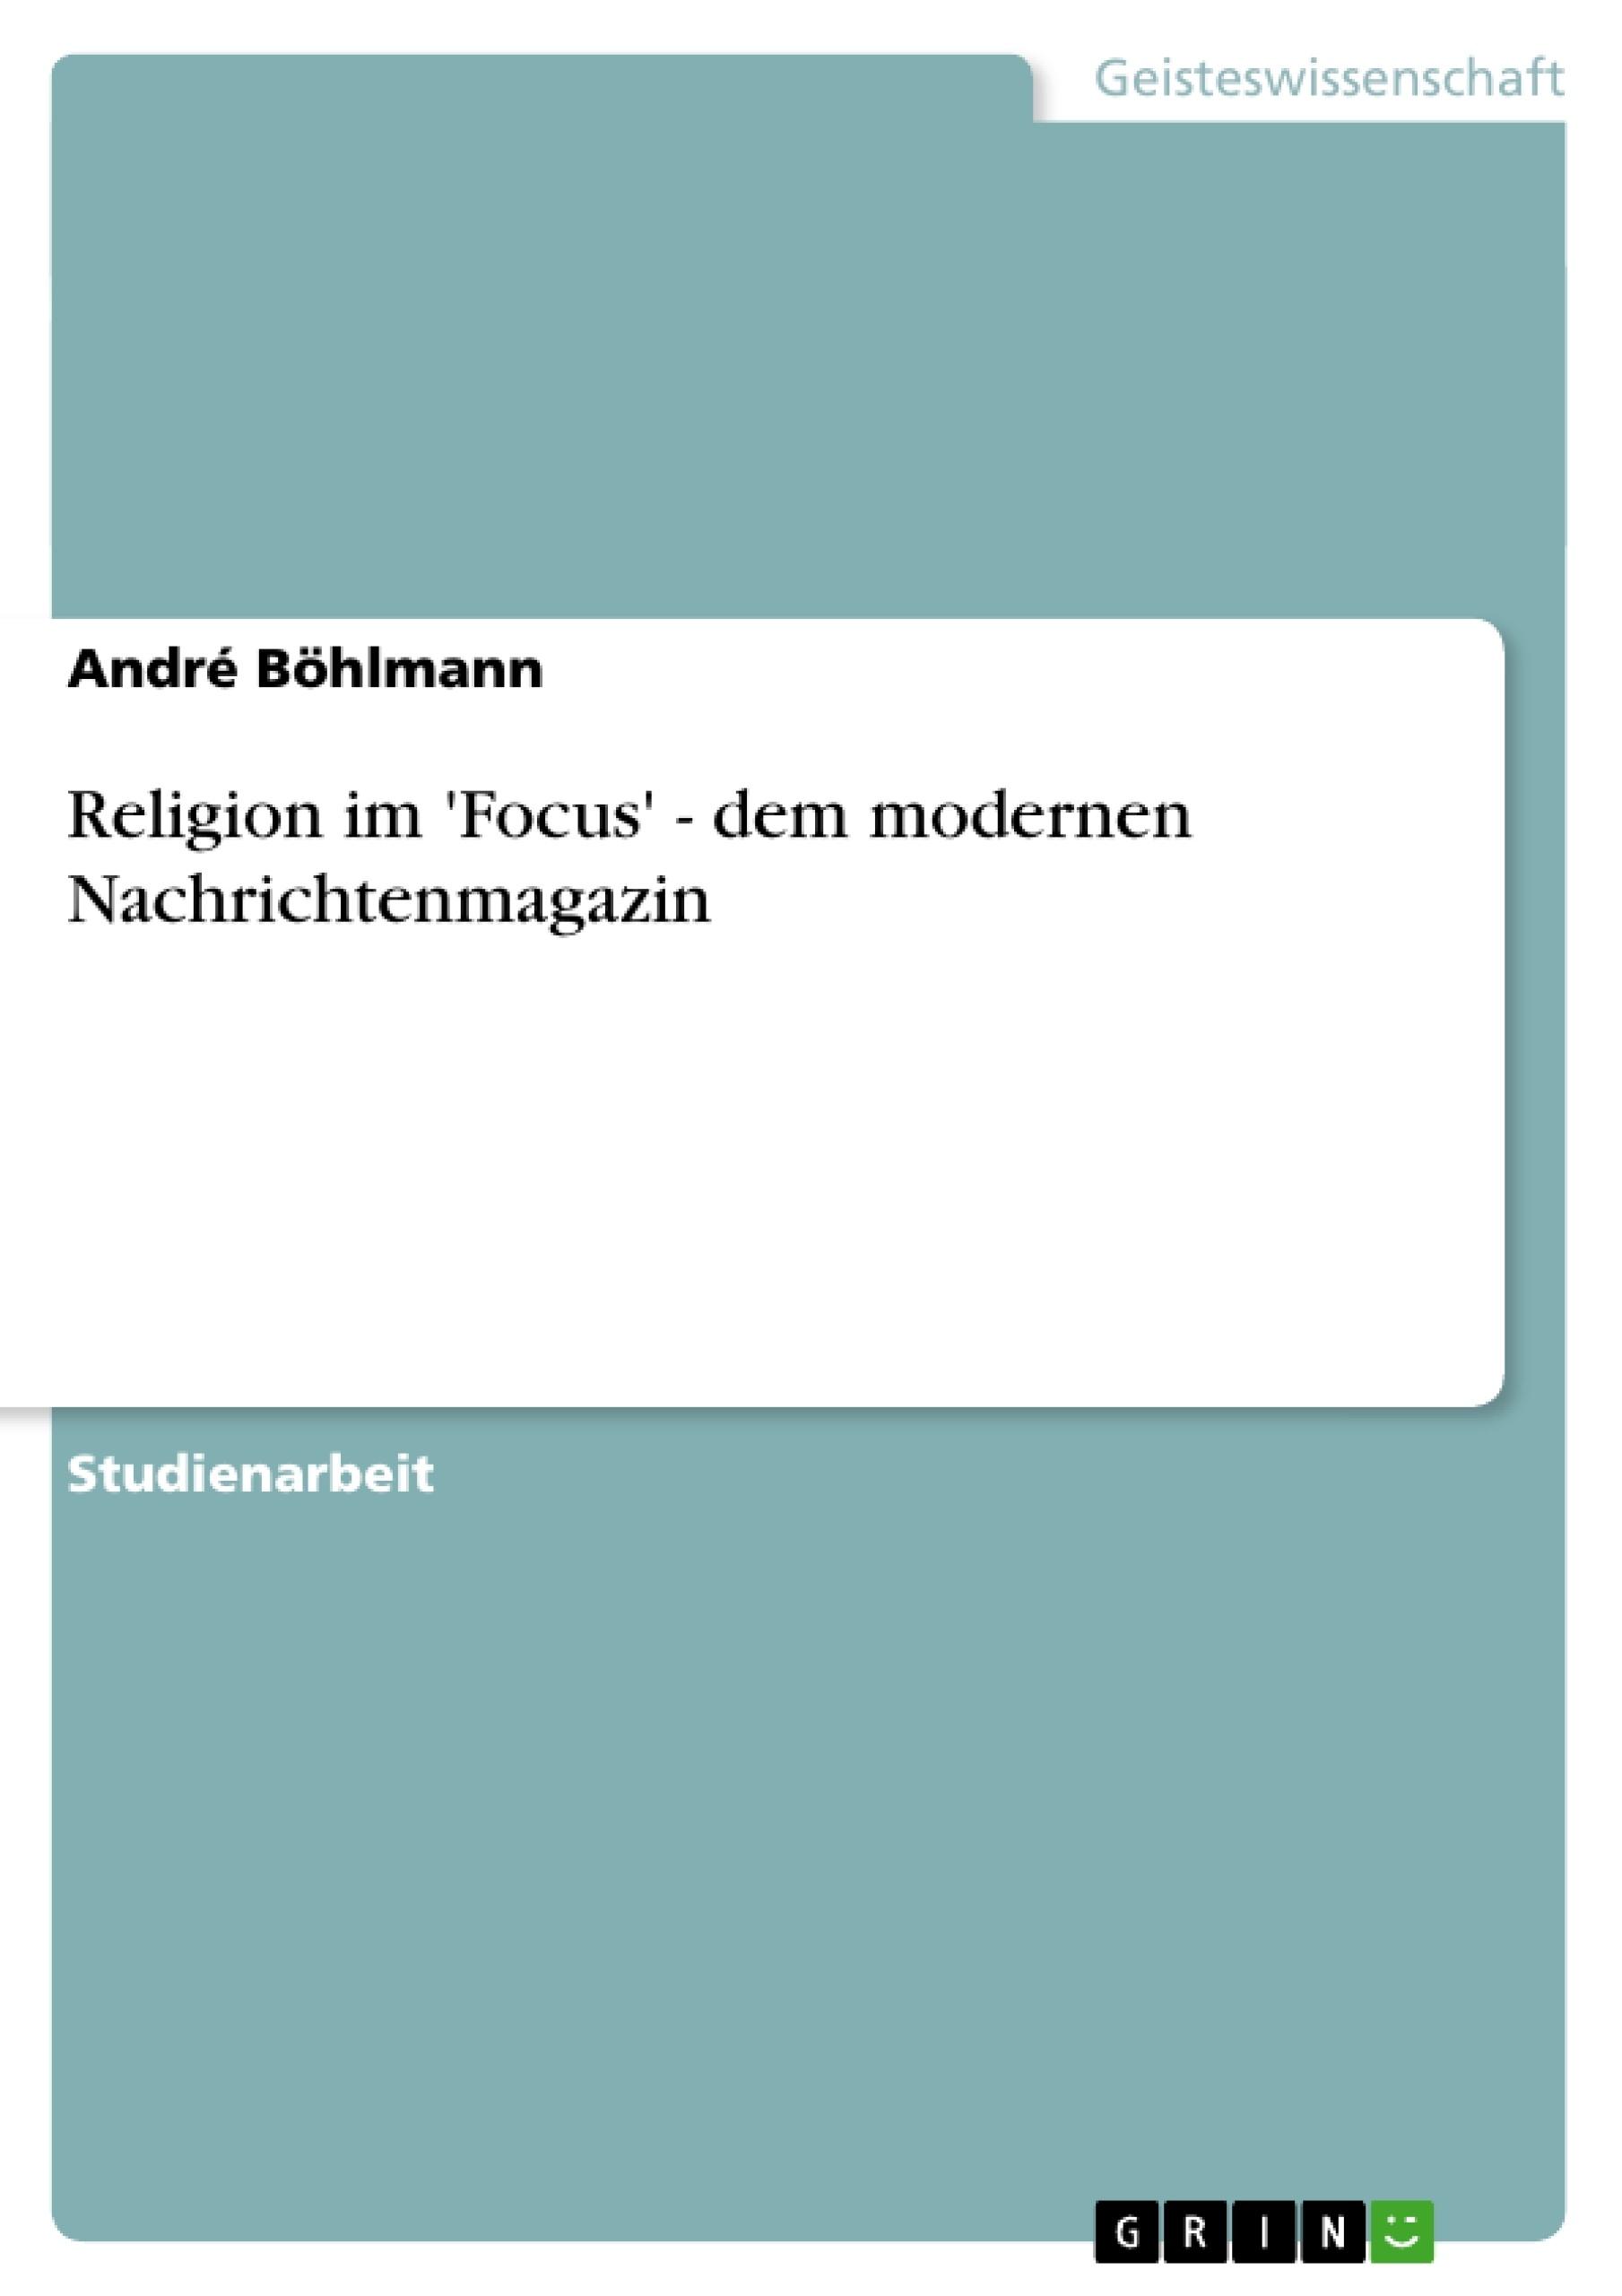 Titel: Religion im 'Focus' - dem modernen Nachrichtenmagazin